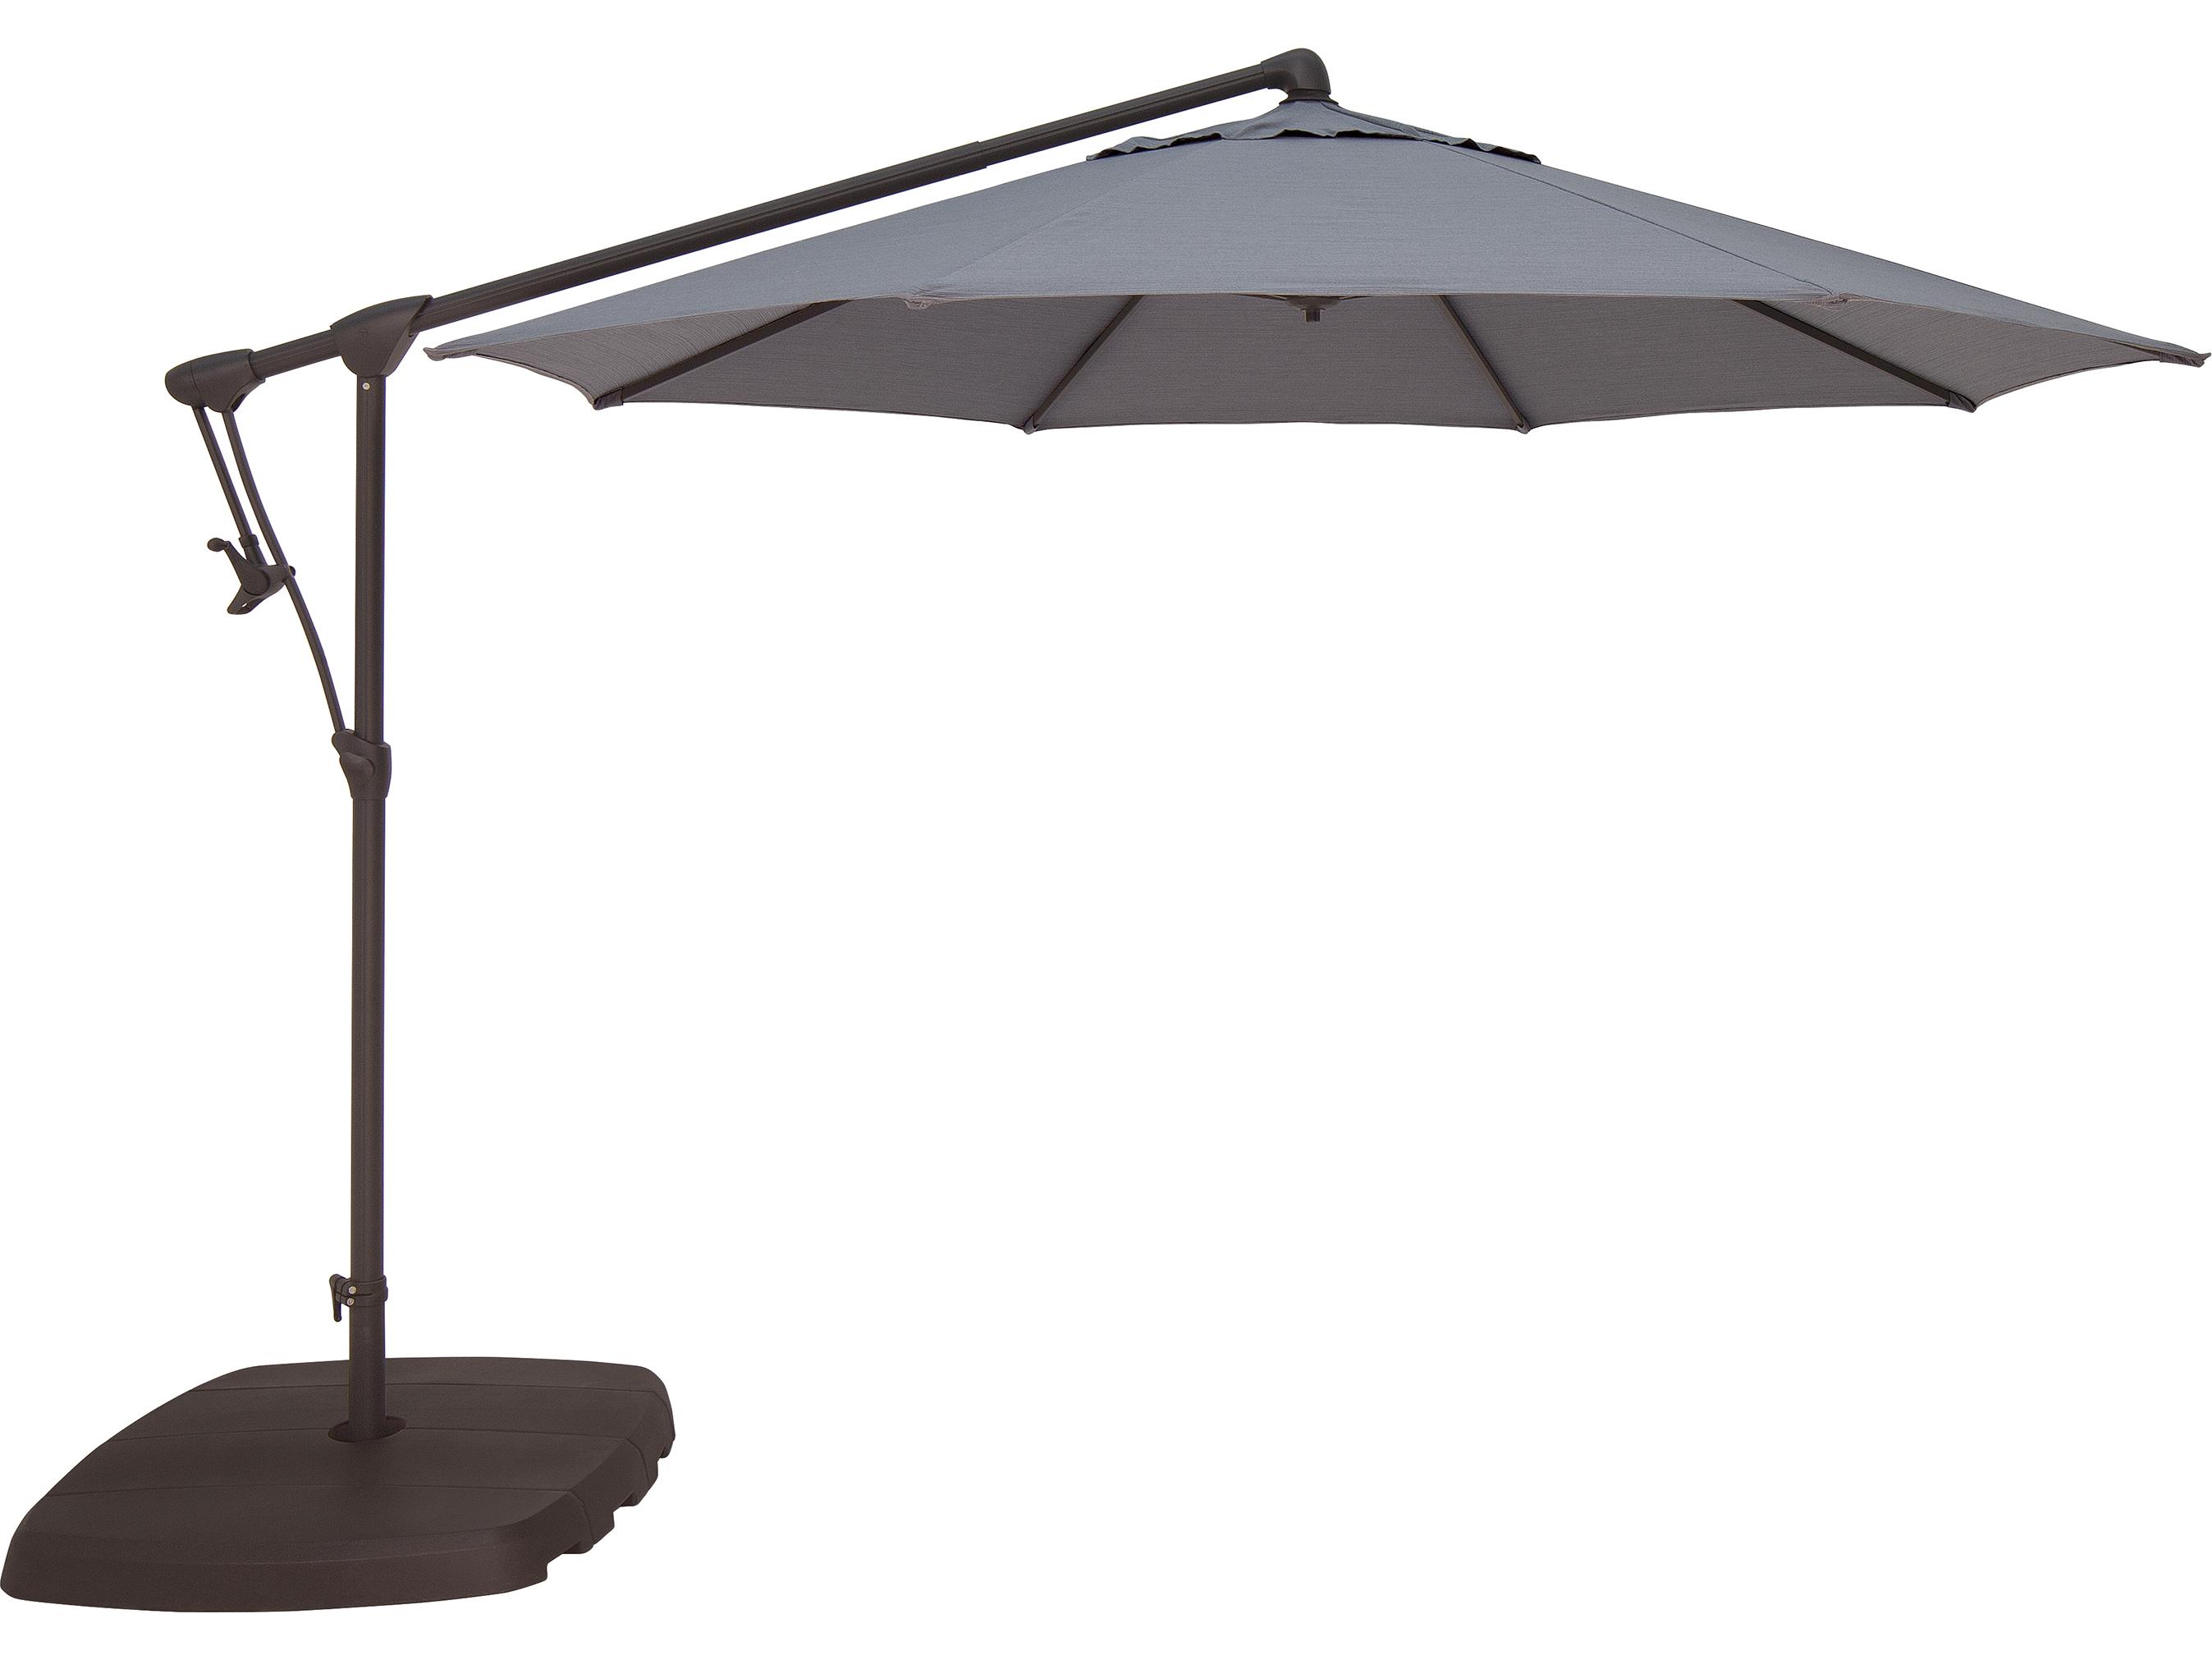 Garden Umbrella Base Wickes: Treasure Garden Cantilever Aluminum 10' Octagon Tilt